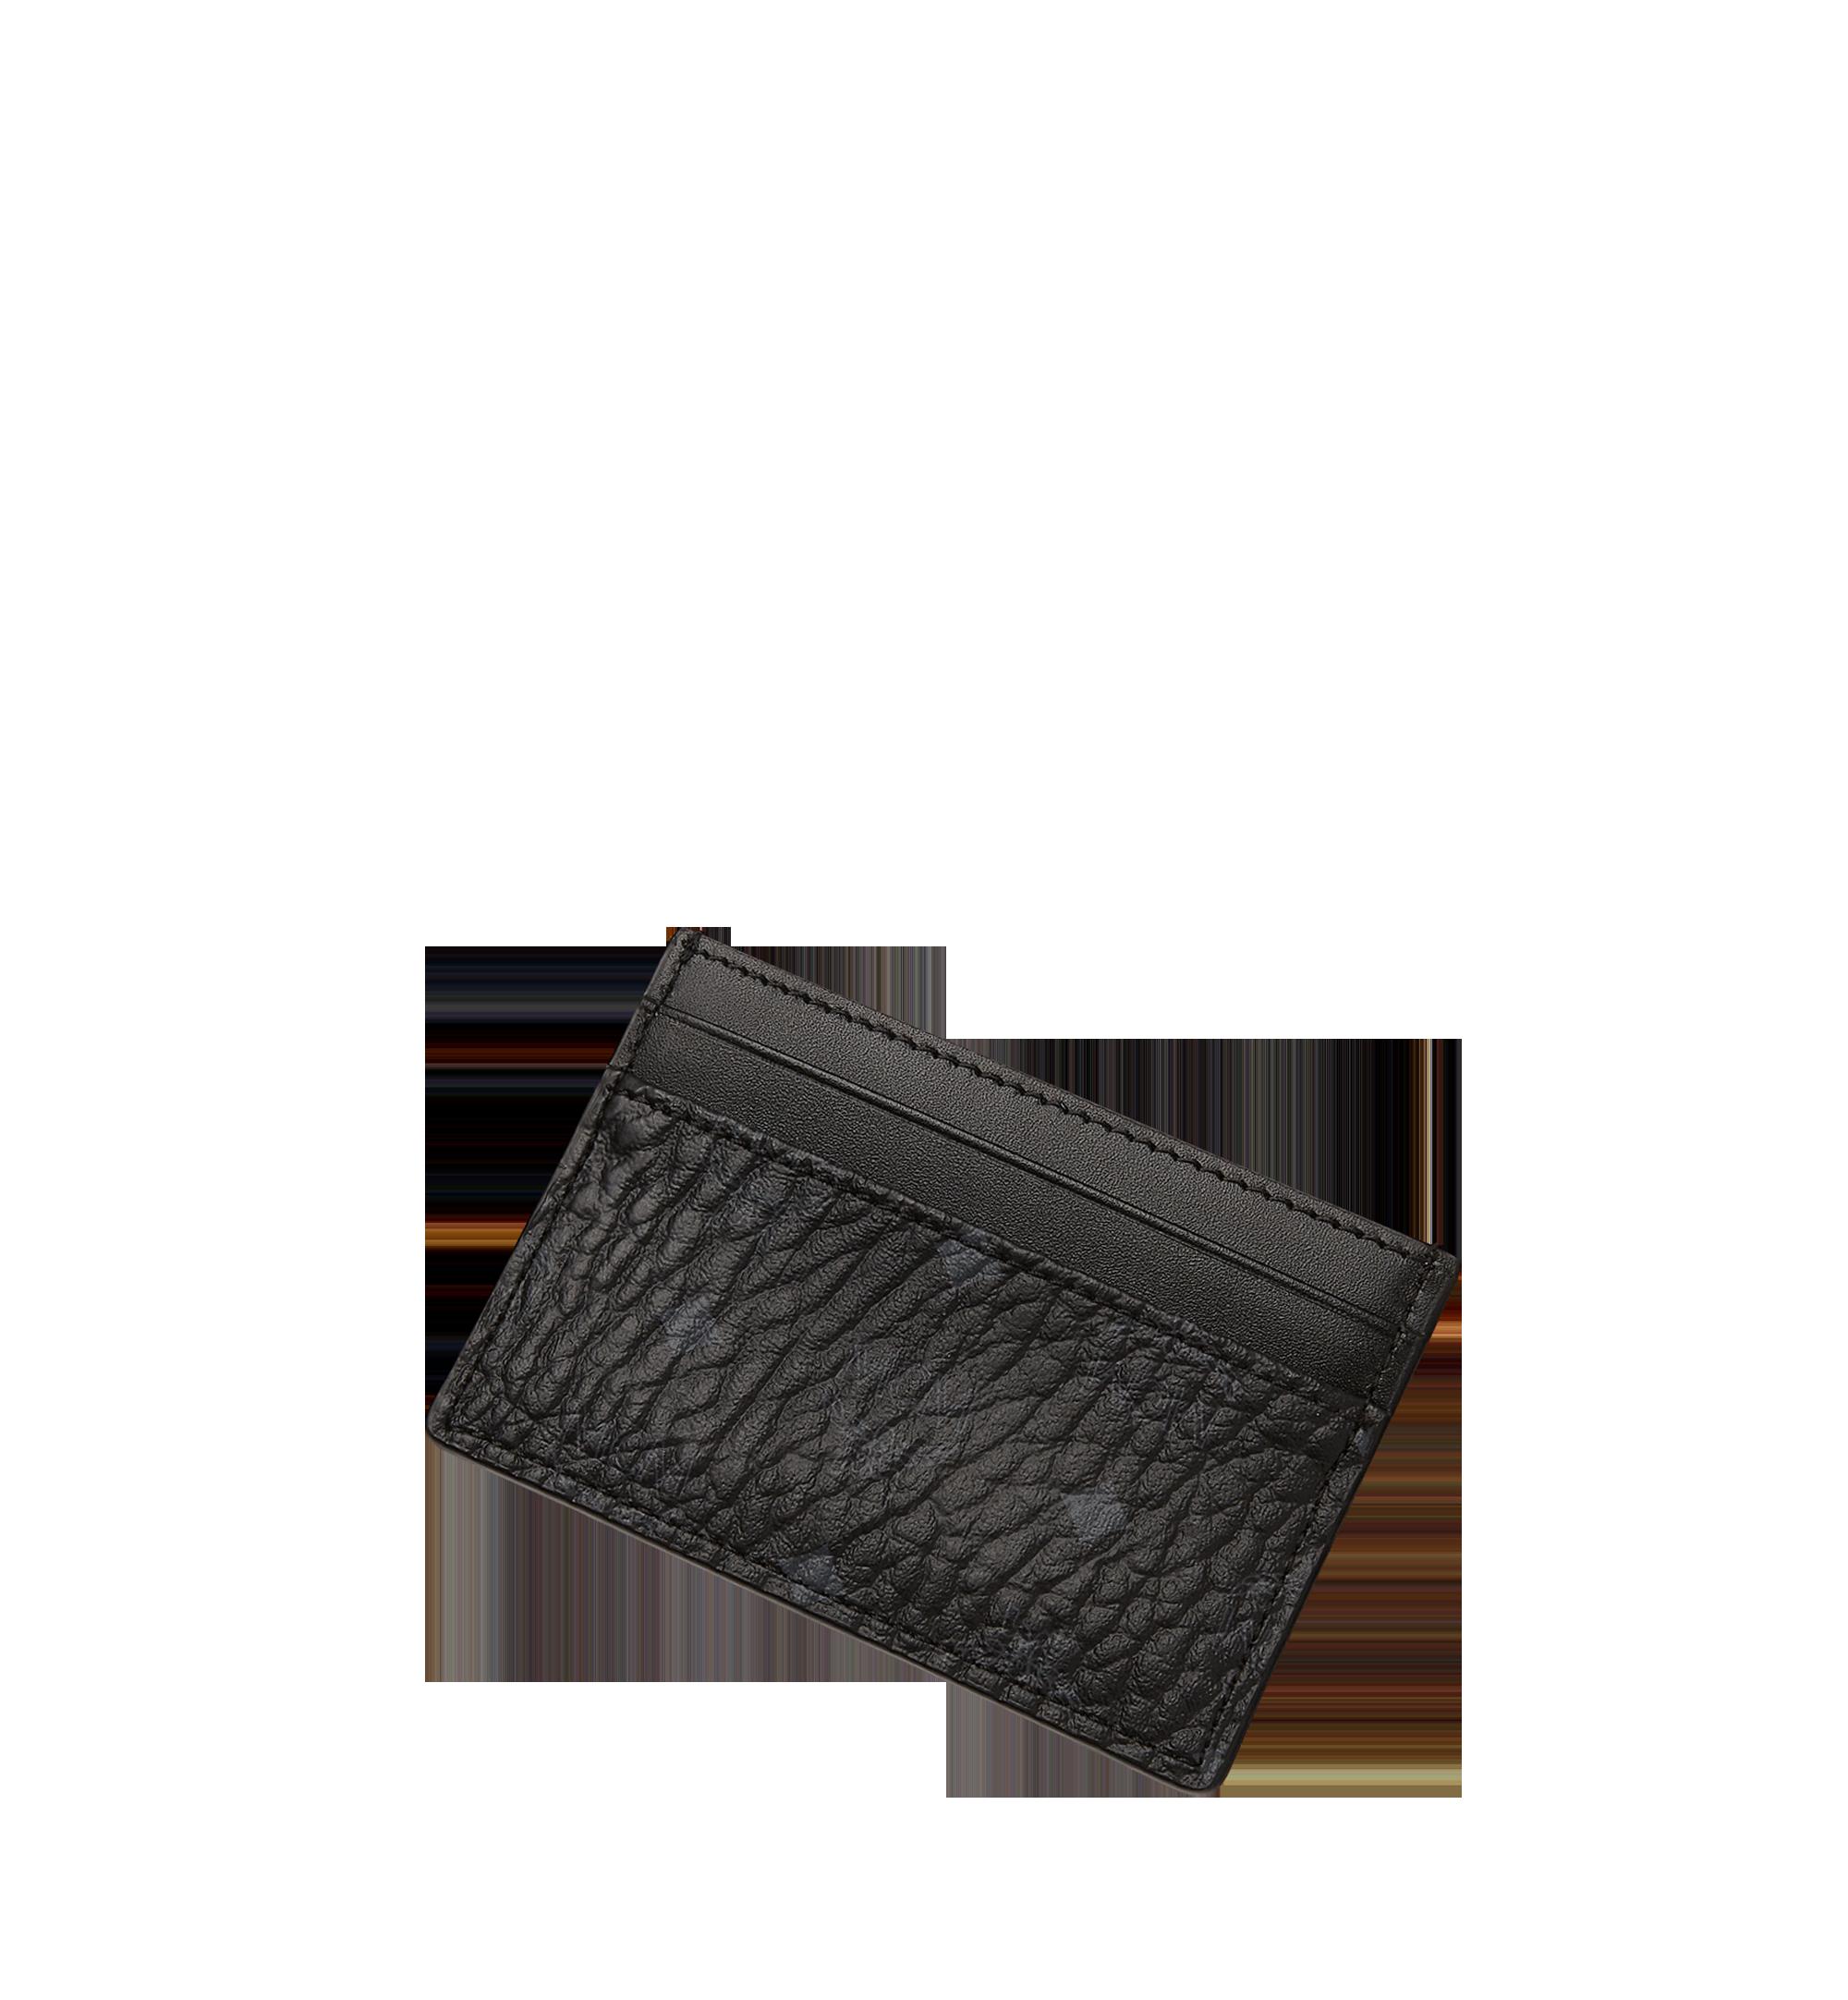 MCM Card Case in Visetos Original Black MXA8SVI26BK001 Alternate View 4